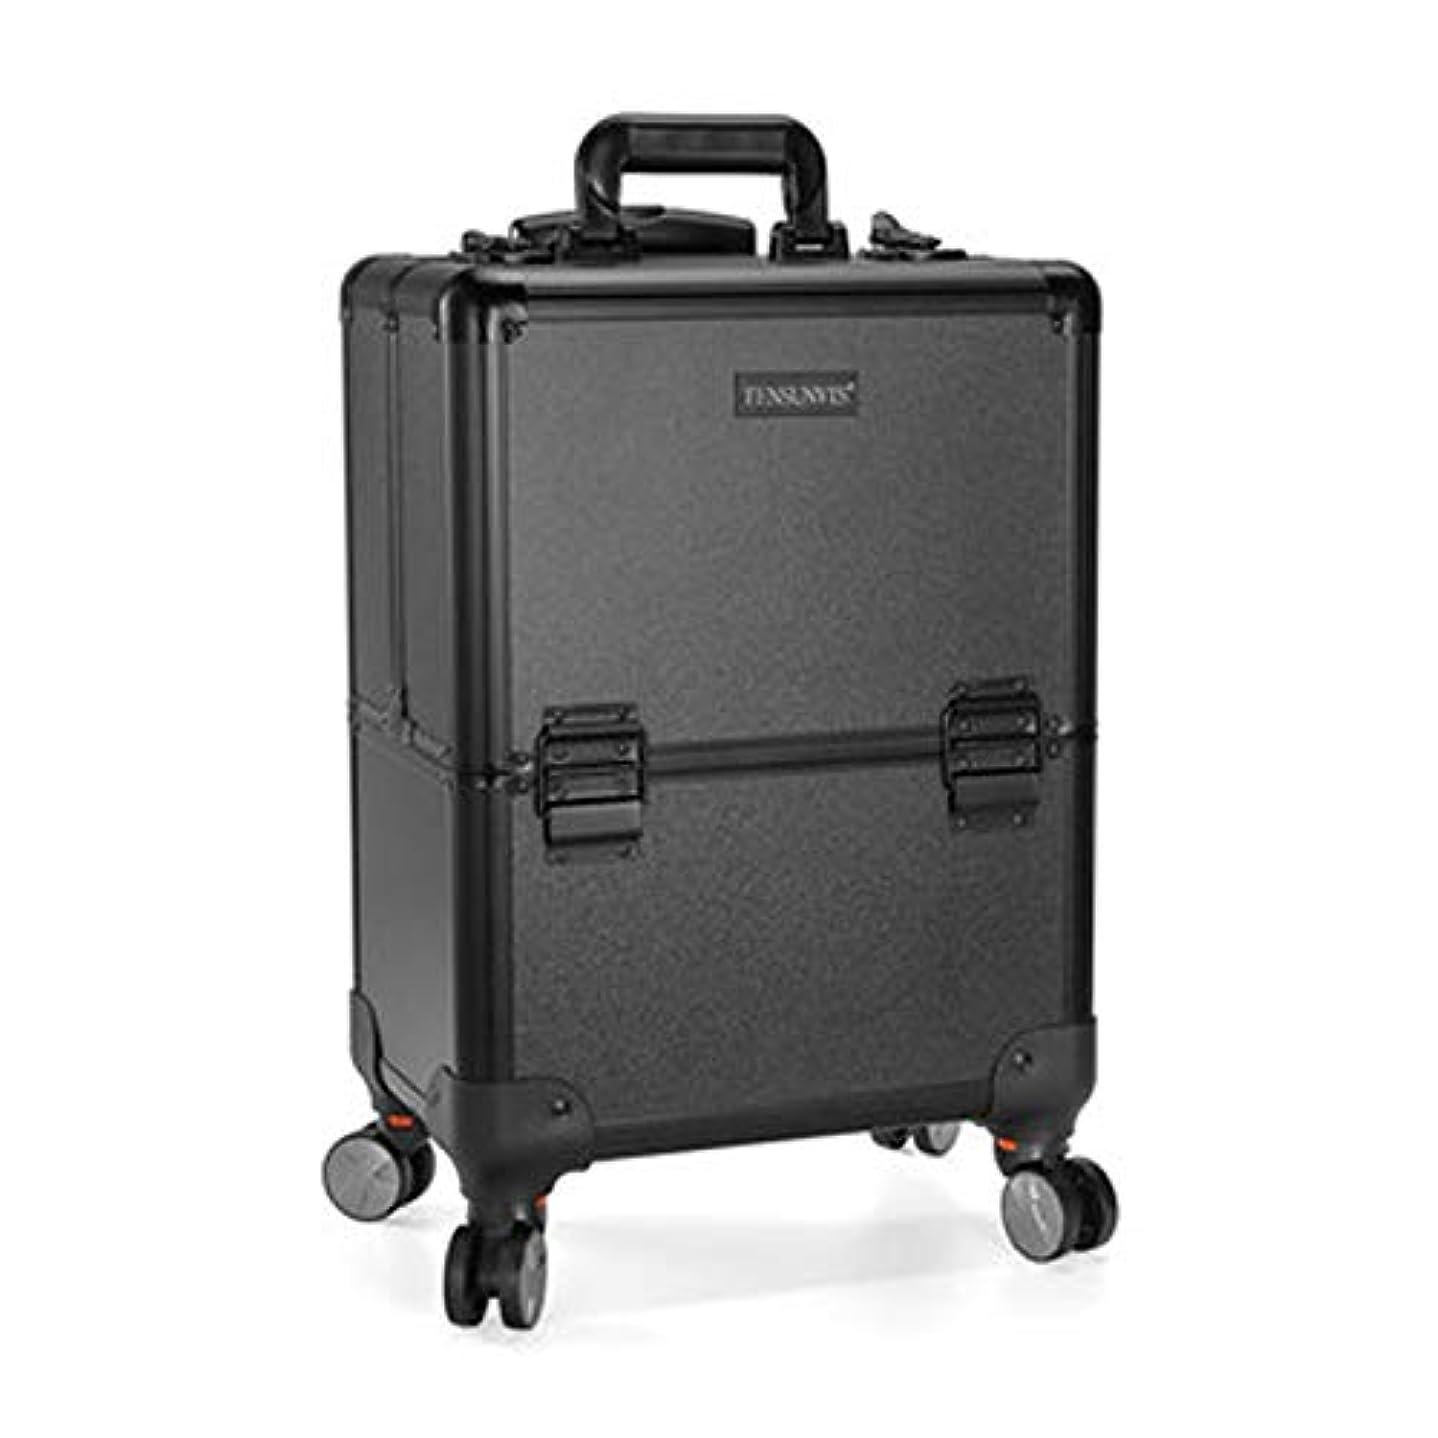 弁護彫刻家繁栄プロ専用 美容師 クローゼット スーツケース メイクボックス キャリーバッグ ヘアメイク プロ 大容量 軽量 高品質 多機能 I-TT-317T-B